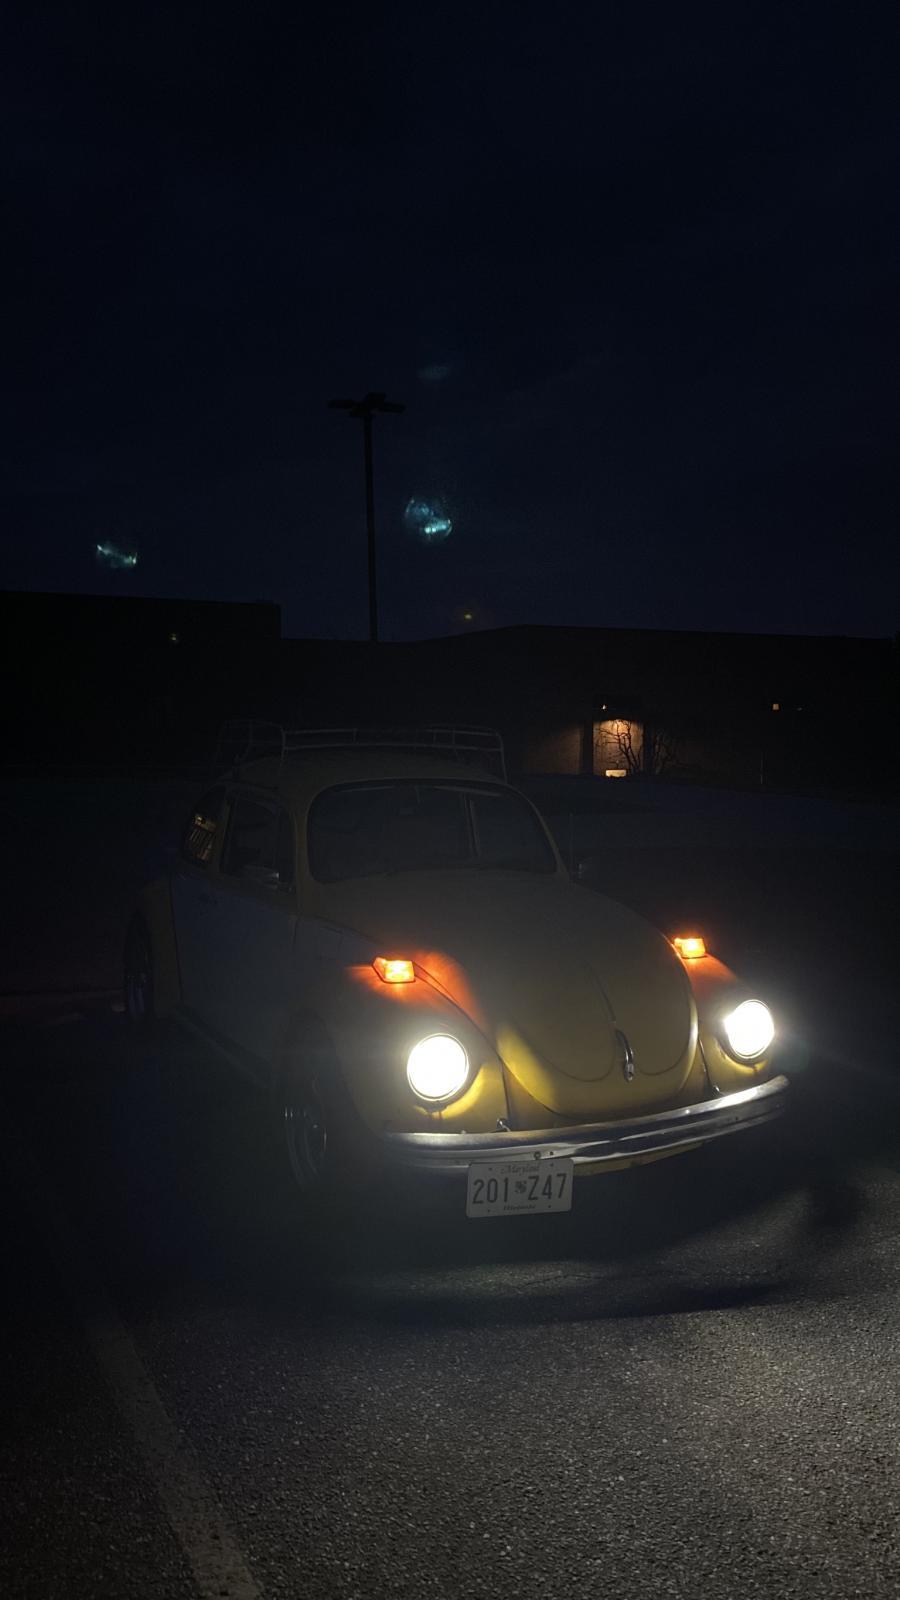 New Vintage Car LEDs installed turned on